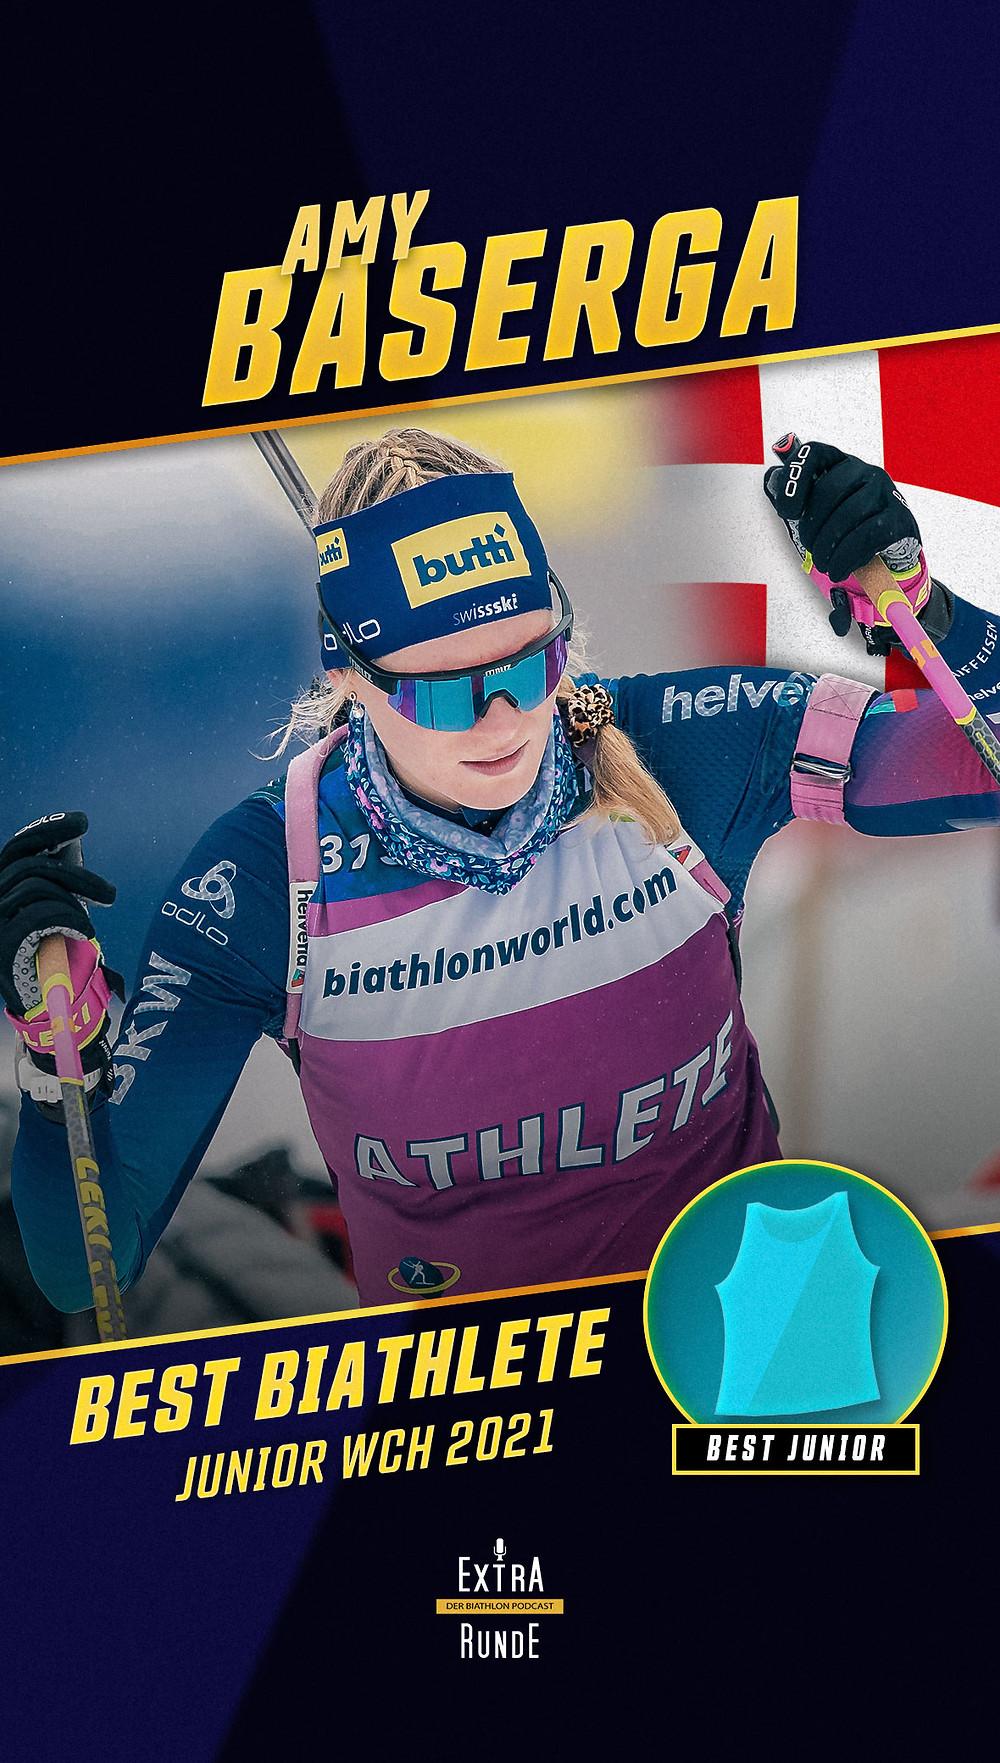 Amy Baserga ist die beste Biathletin der Biathlon Juniorweltmeisterschaft 2021 in Obertilliach.